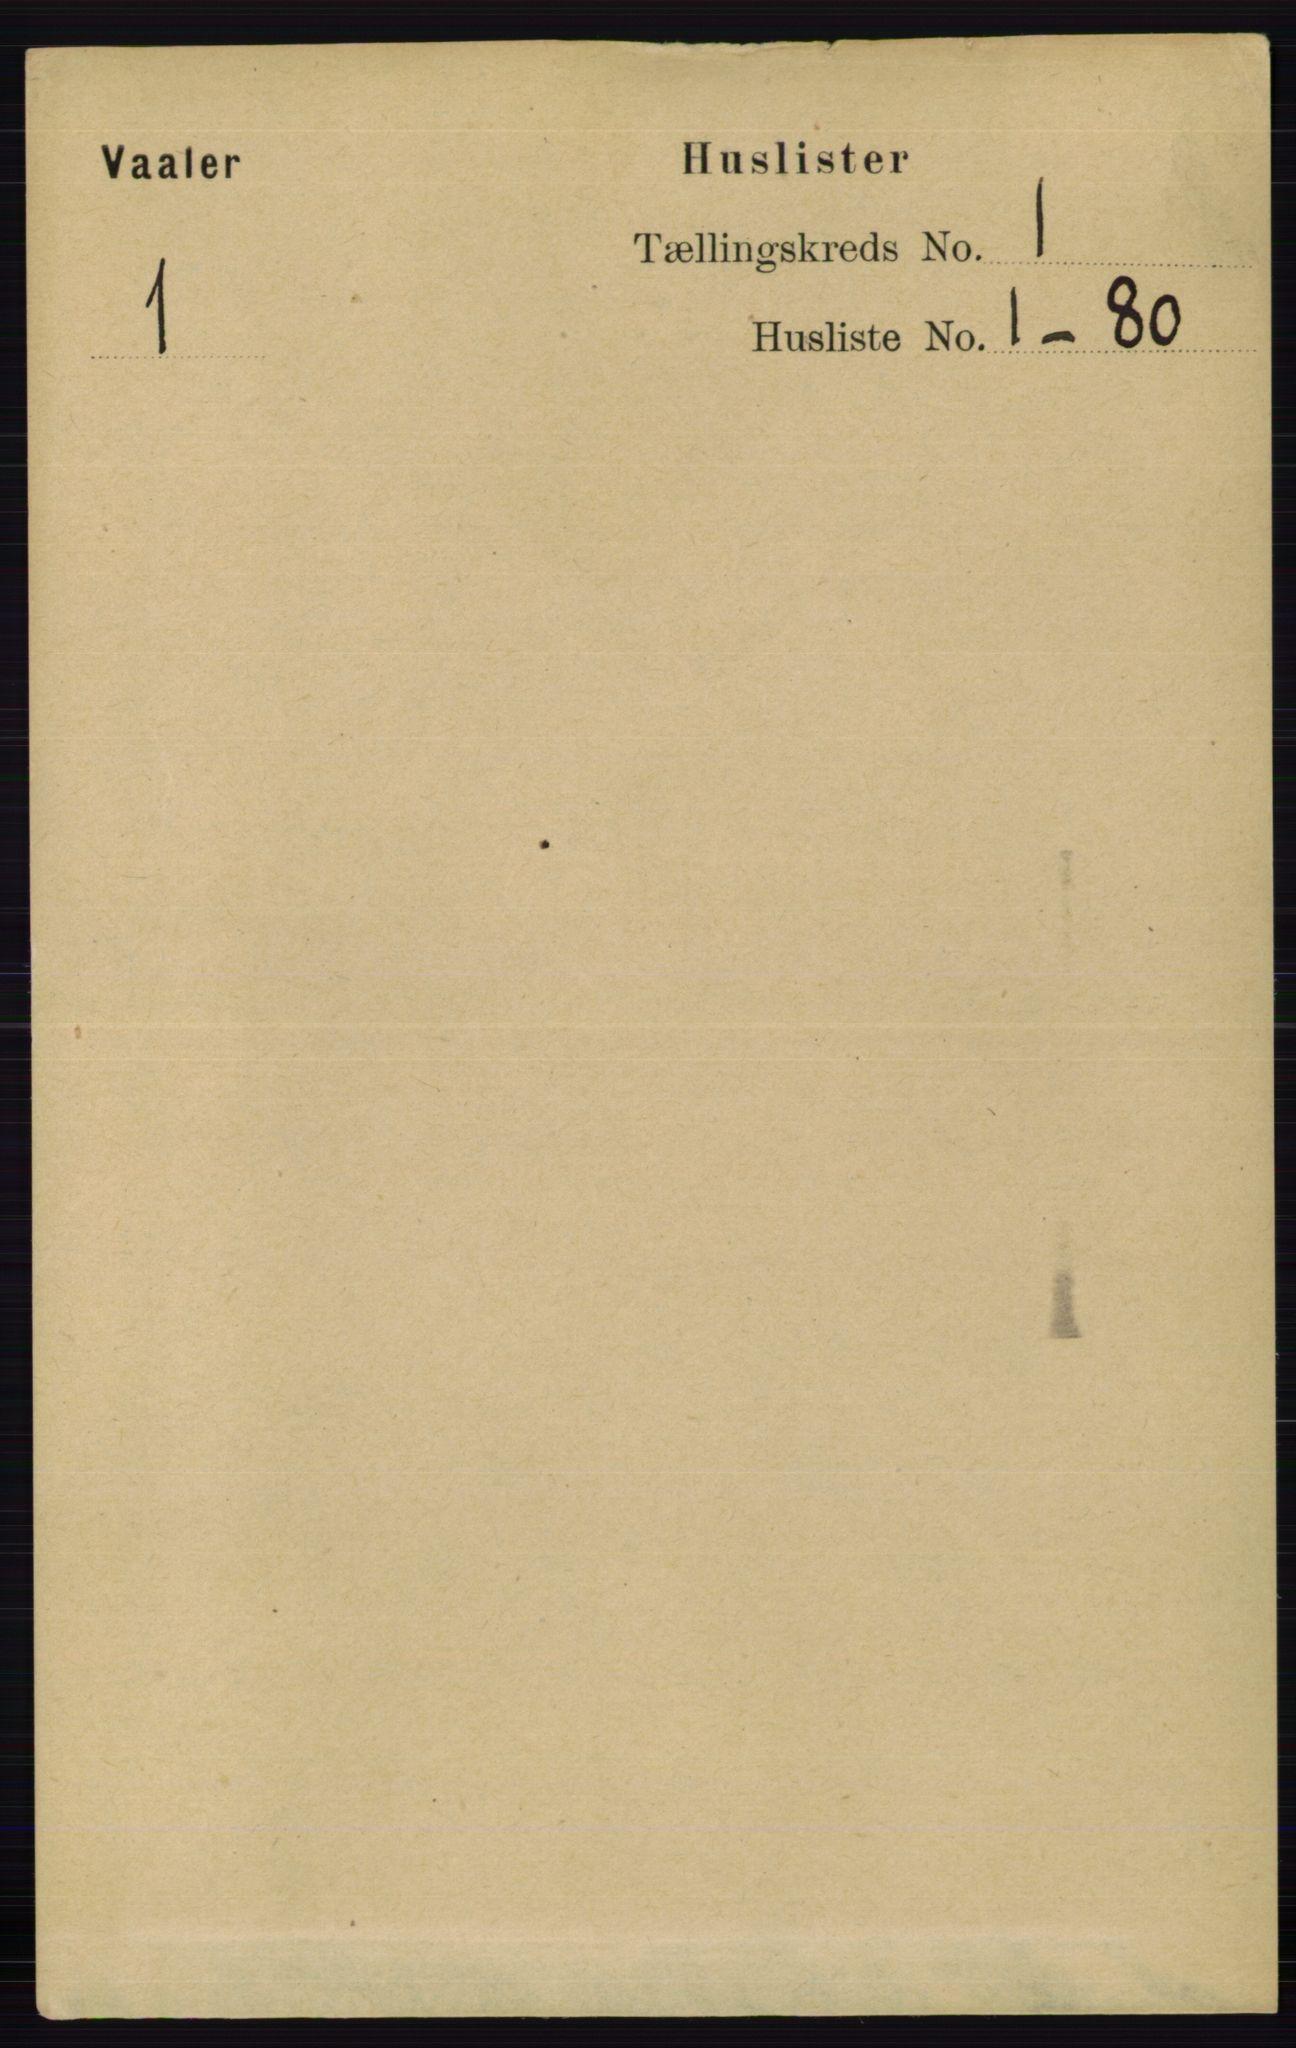 RA, Folketelling 1891 for 0137 Våler herred, 1891, s. 20